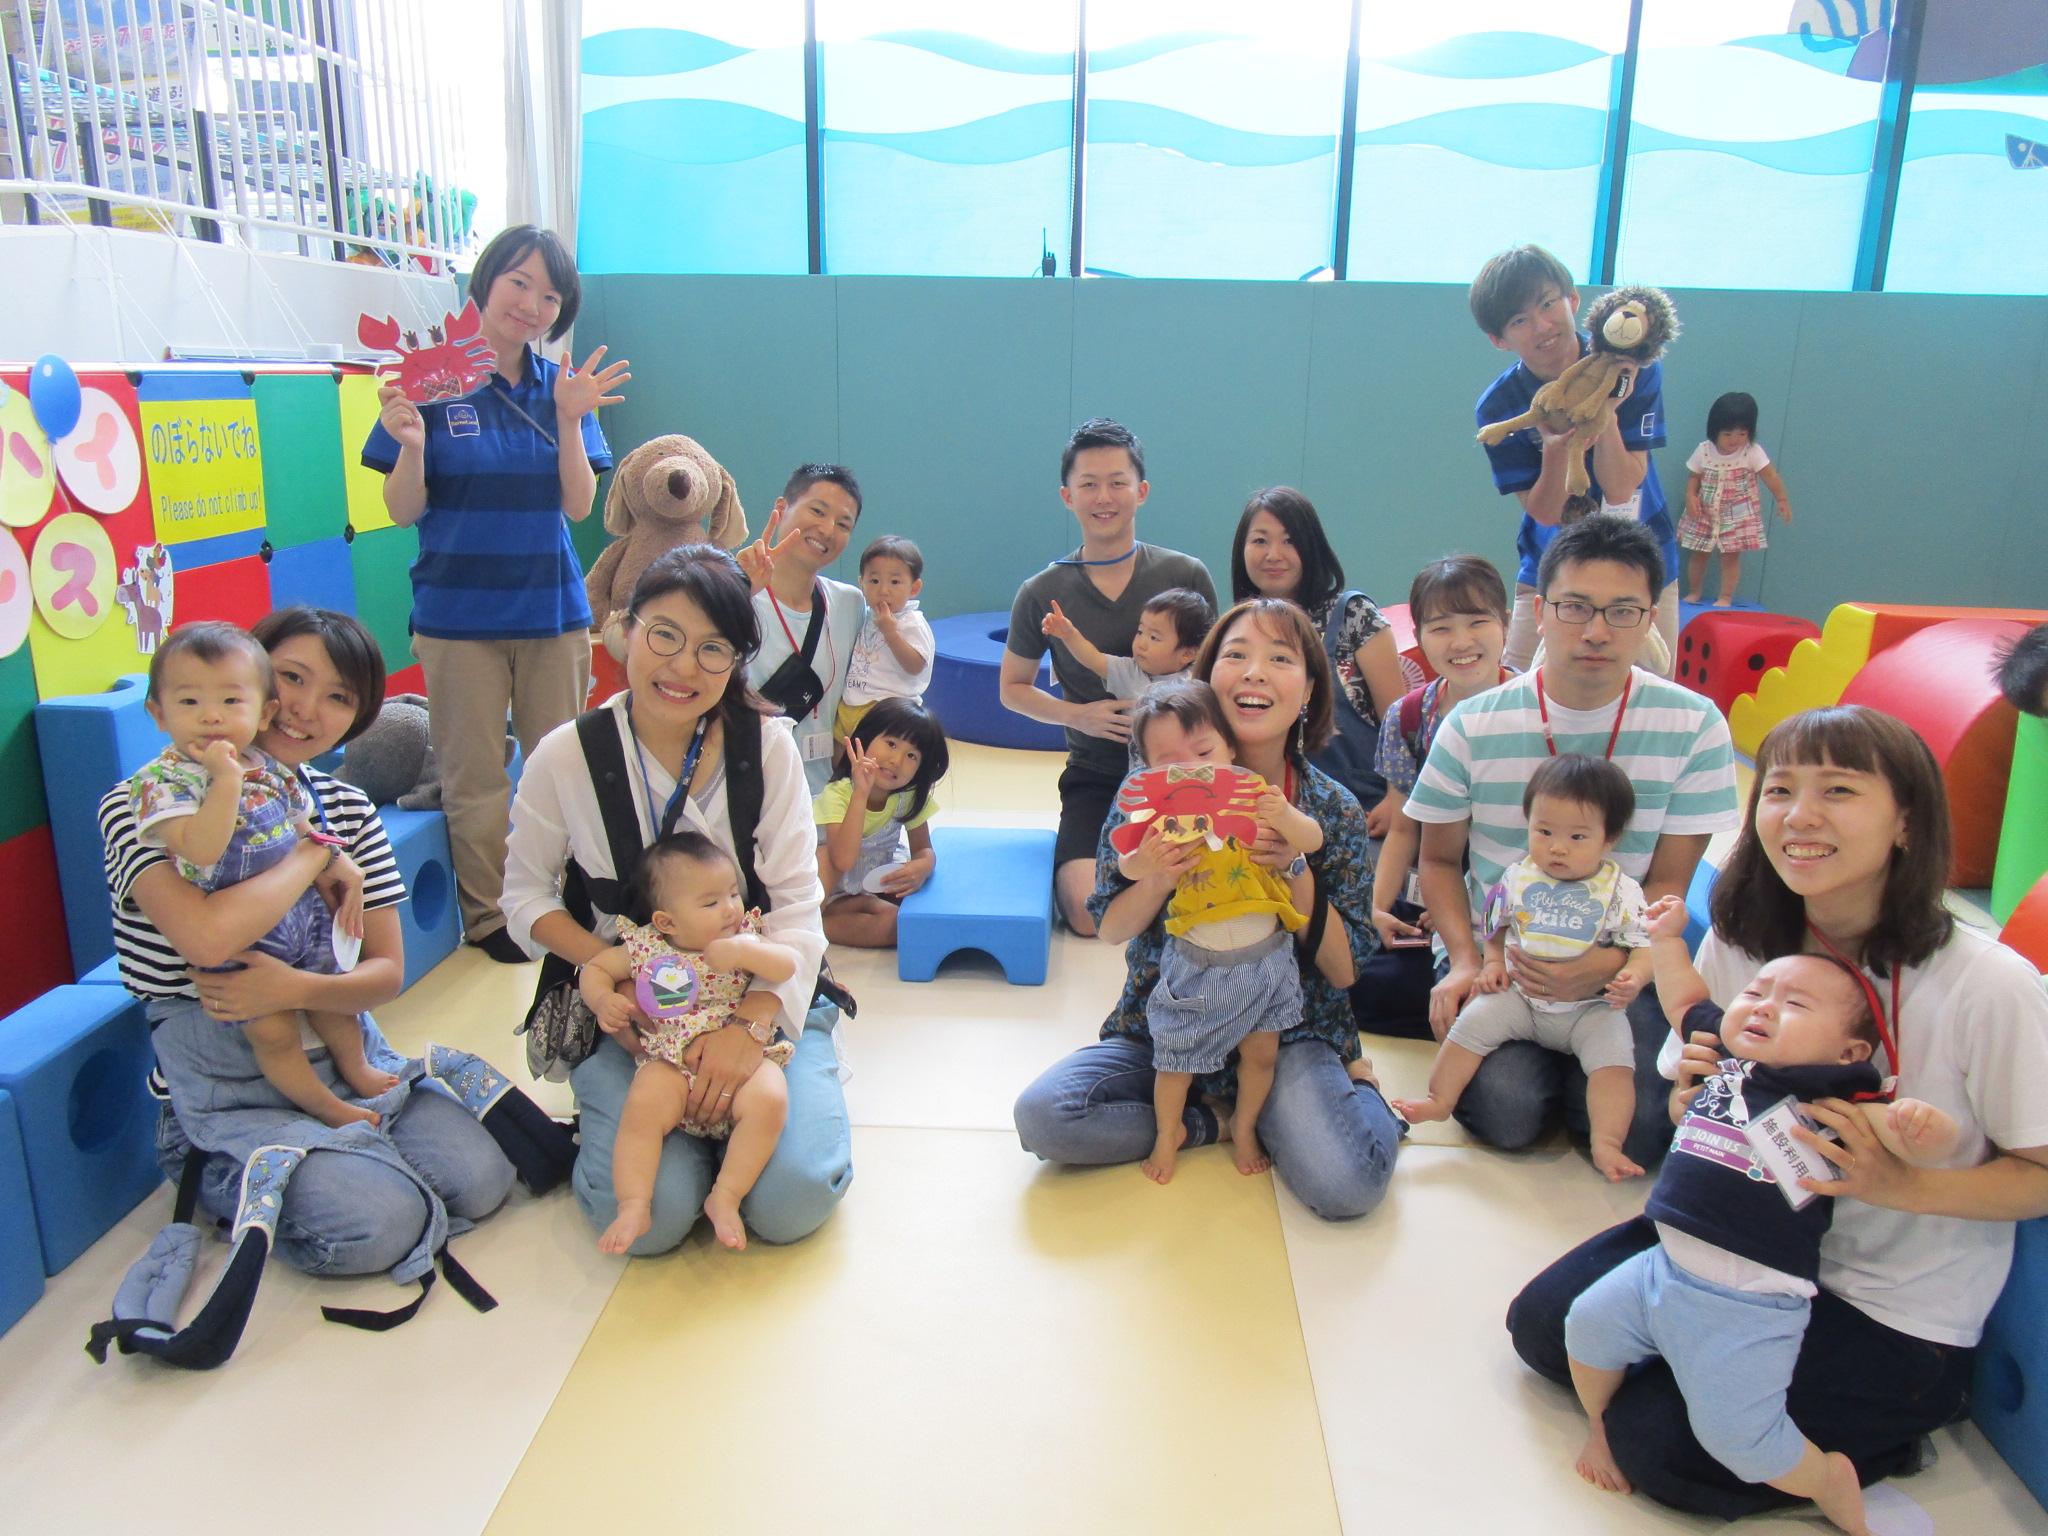 赤ちゃんイベント『ハイハイレース』/『カレンダーをつくろう!』